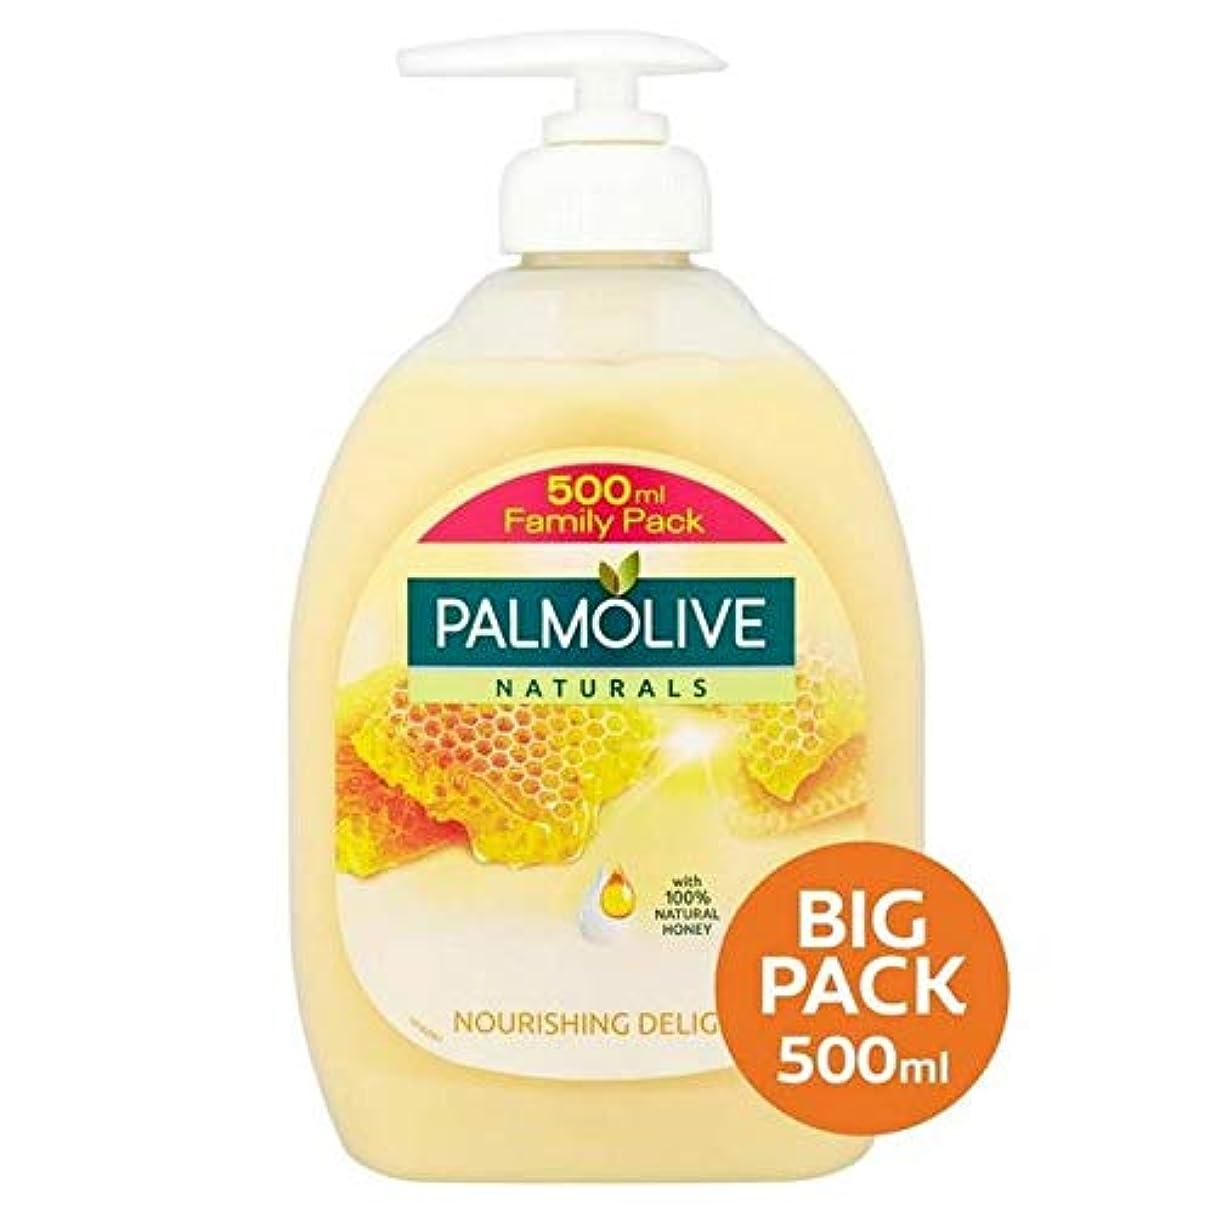 行き当たりばったり宮殿けん引[Palmolive ] パルモライブナチュラルミルク&ハニーの手洗いの500ミリリットル - Palmolive Naturals Milk & Honey Handwash 500ml [並行輸入品]